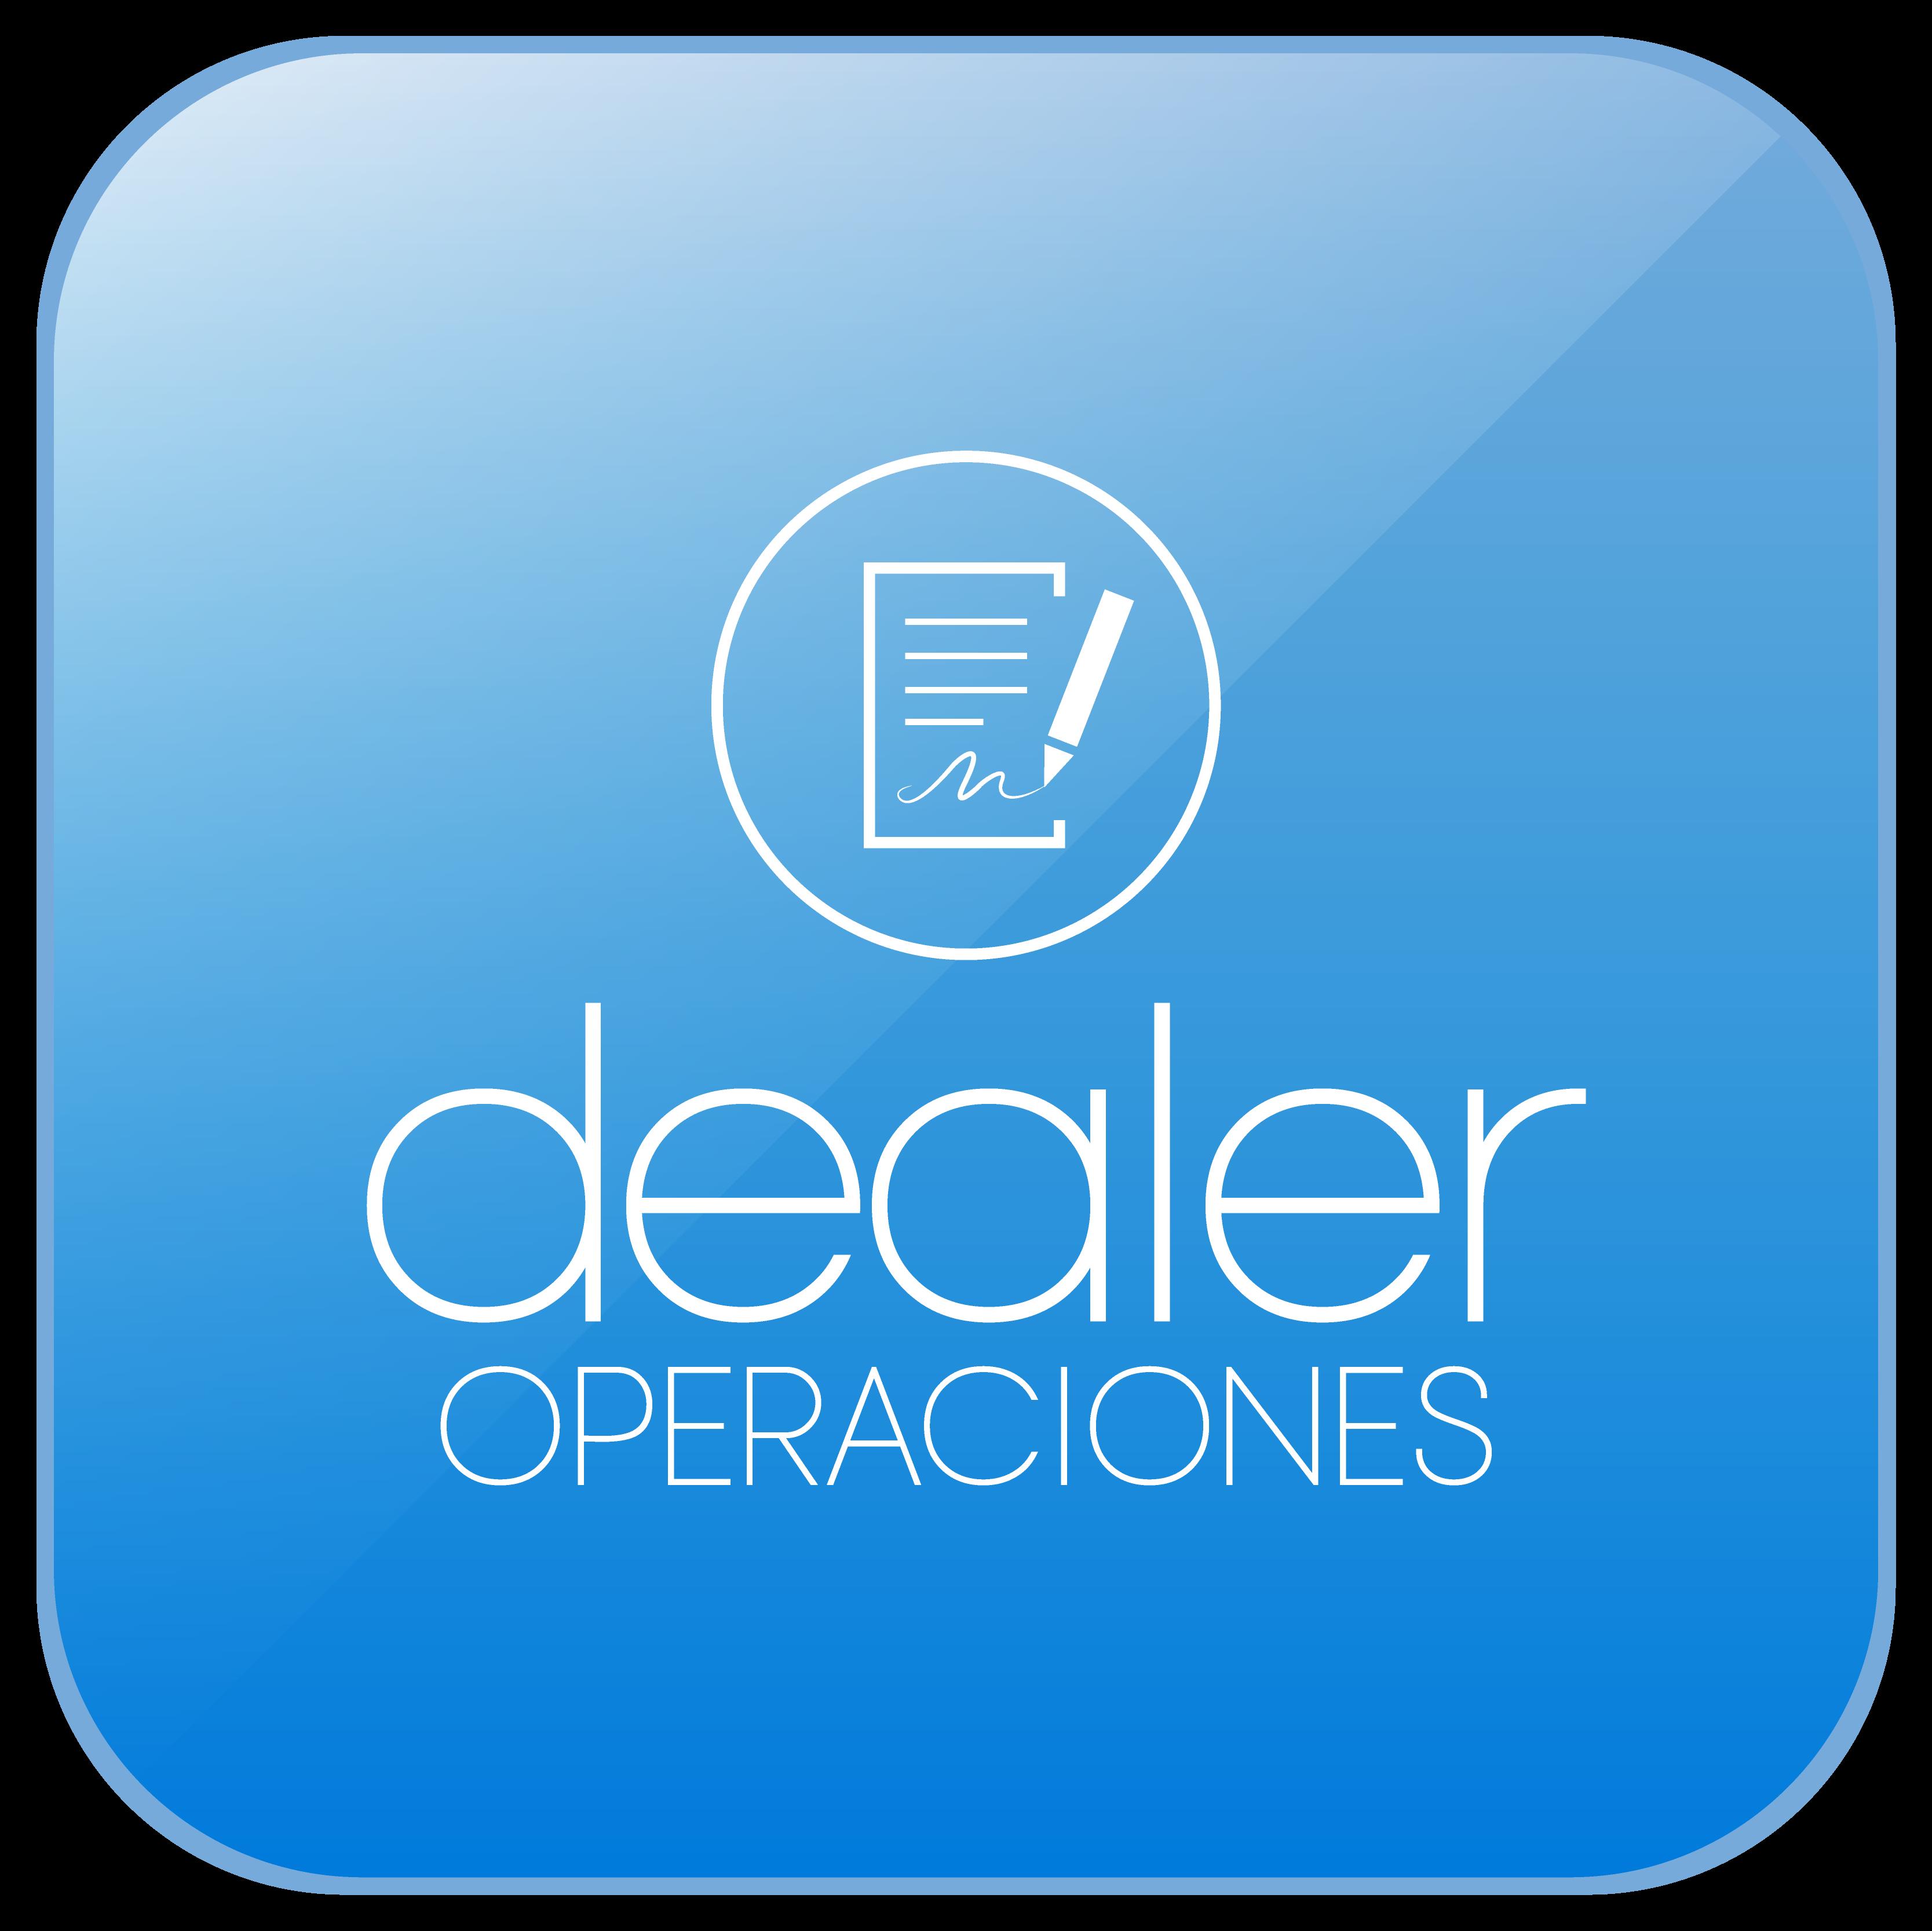 operaciones Sistema de gestión telefonía